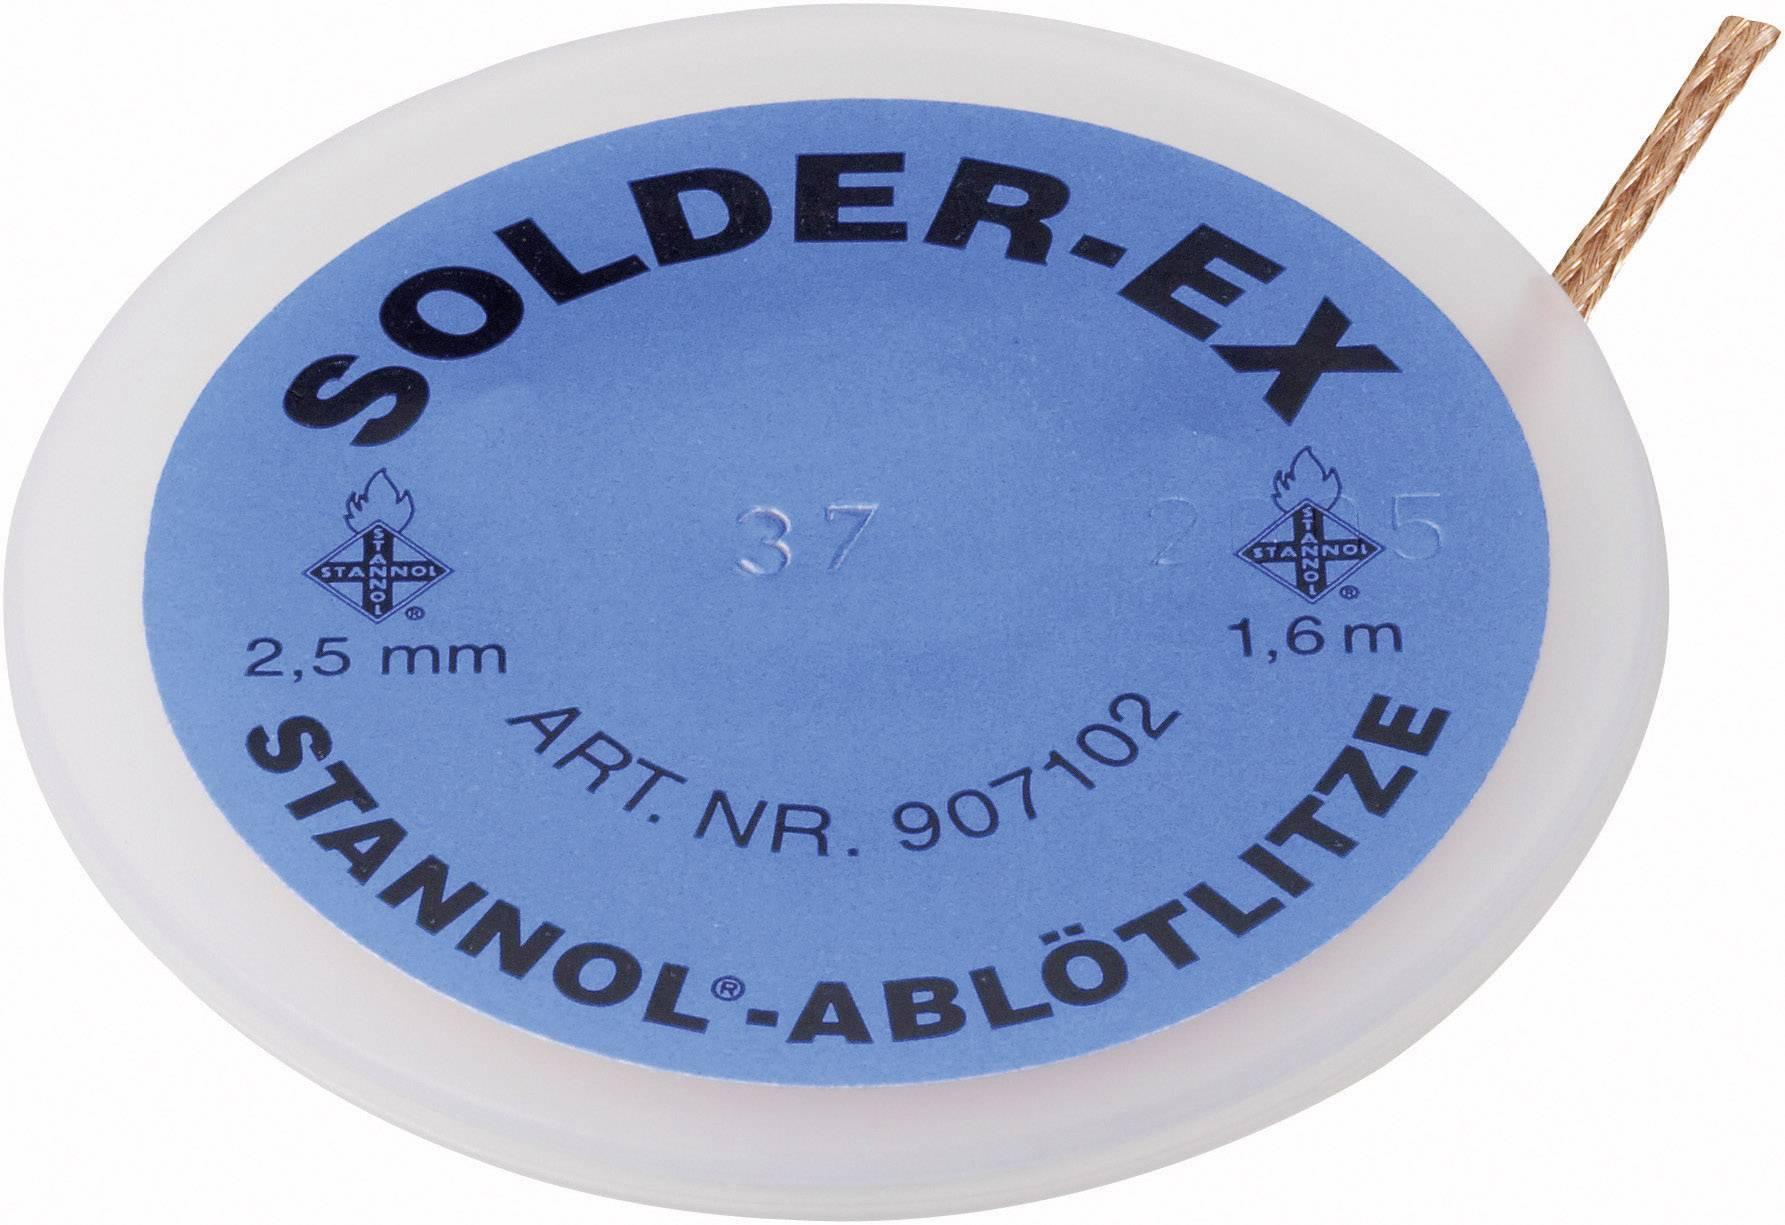 Odspájkovacie lanko Stannol Solder, dĺžka 1.6 m, šírka 1.5 mm